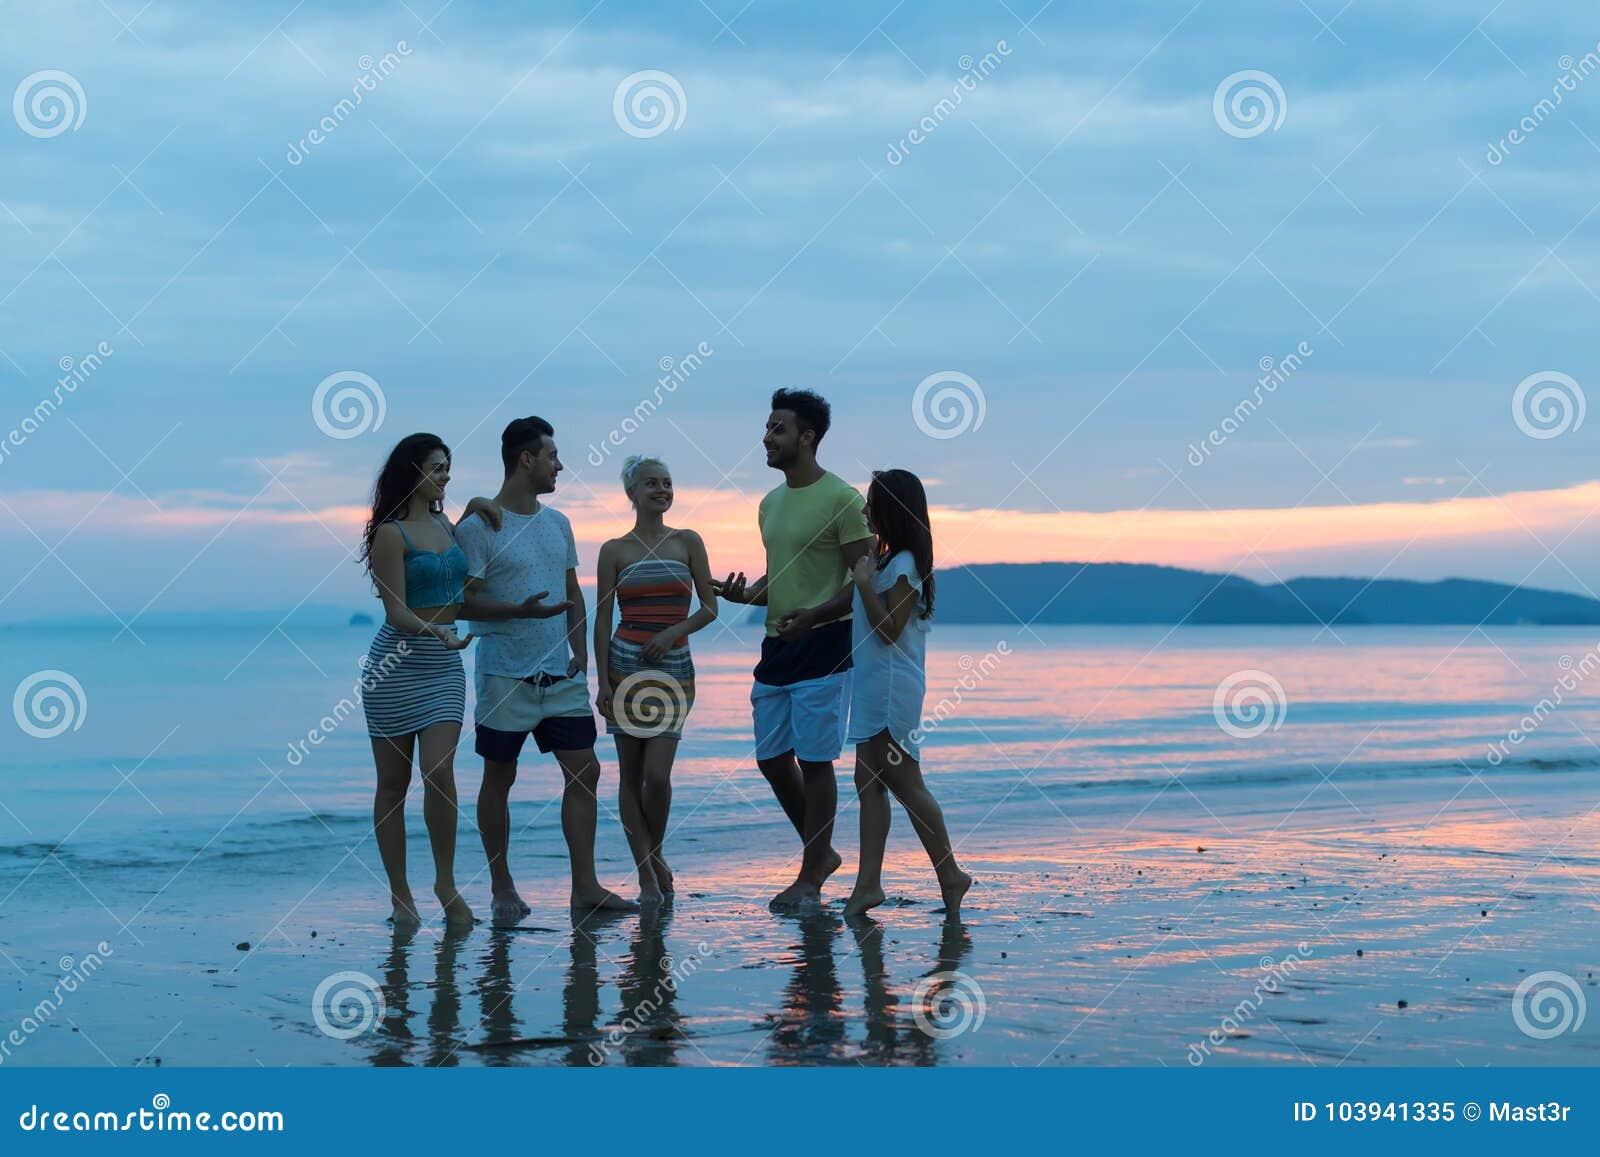 Leute, die auf Strand bei Sonnenuntergang, junge touristische Gruppe geht auf Meer in der Abend-Kommunikation sprechen